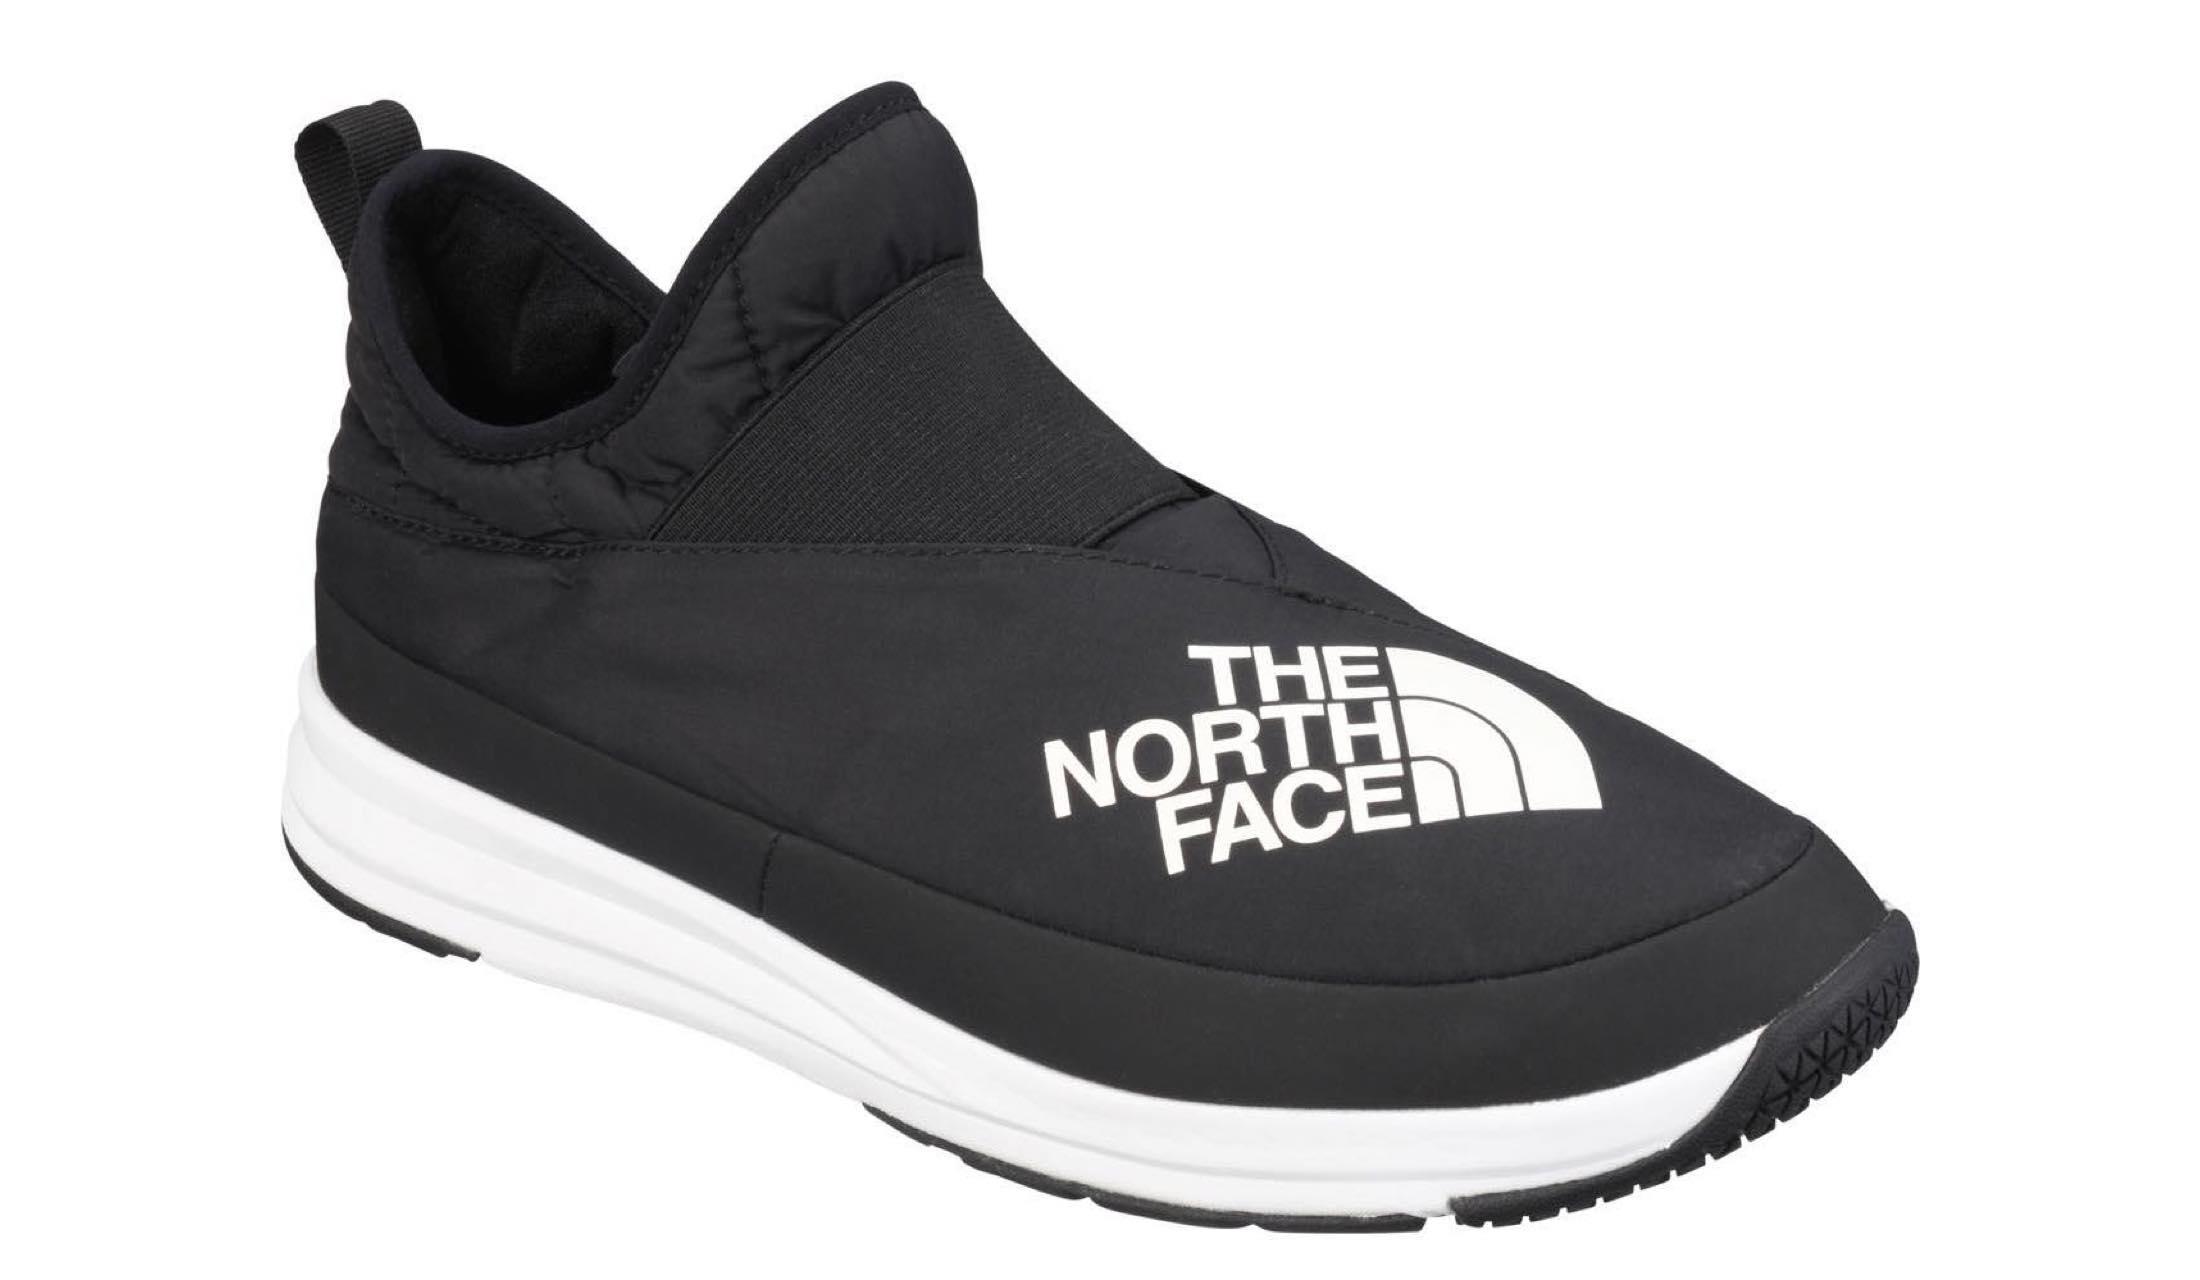 ノース・フェイスの靴「ヌプシトラクション ライトモックⅢ キモノ」